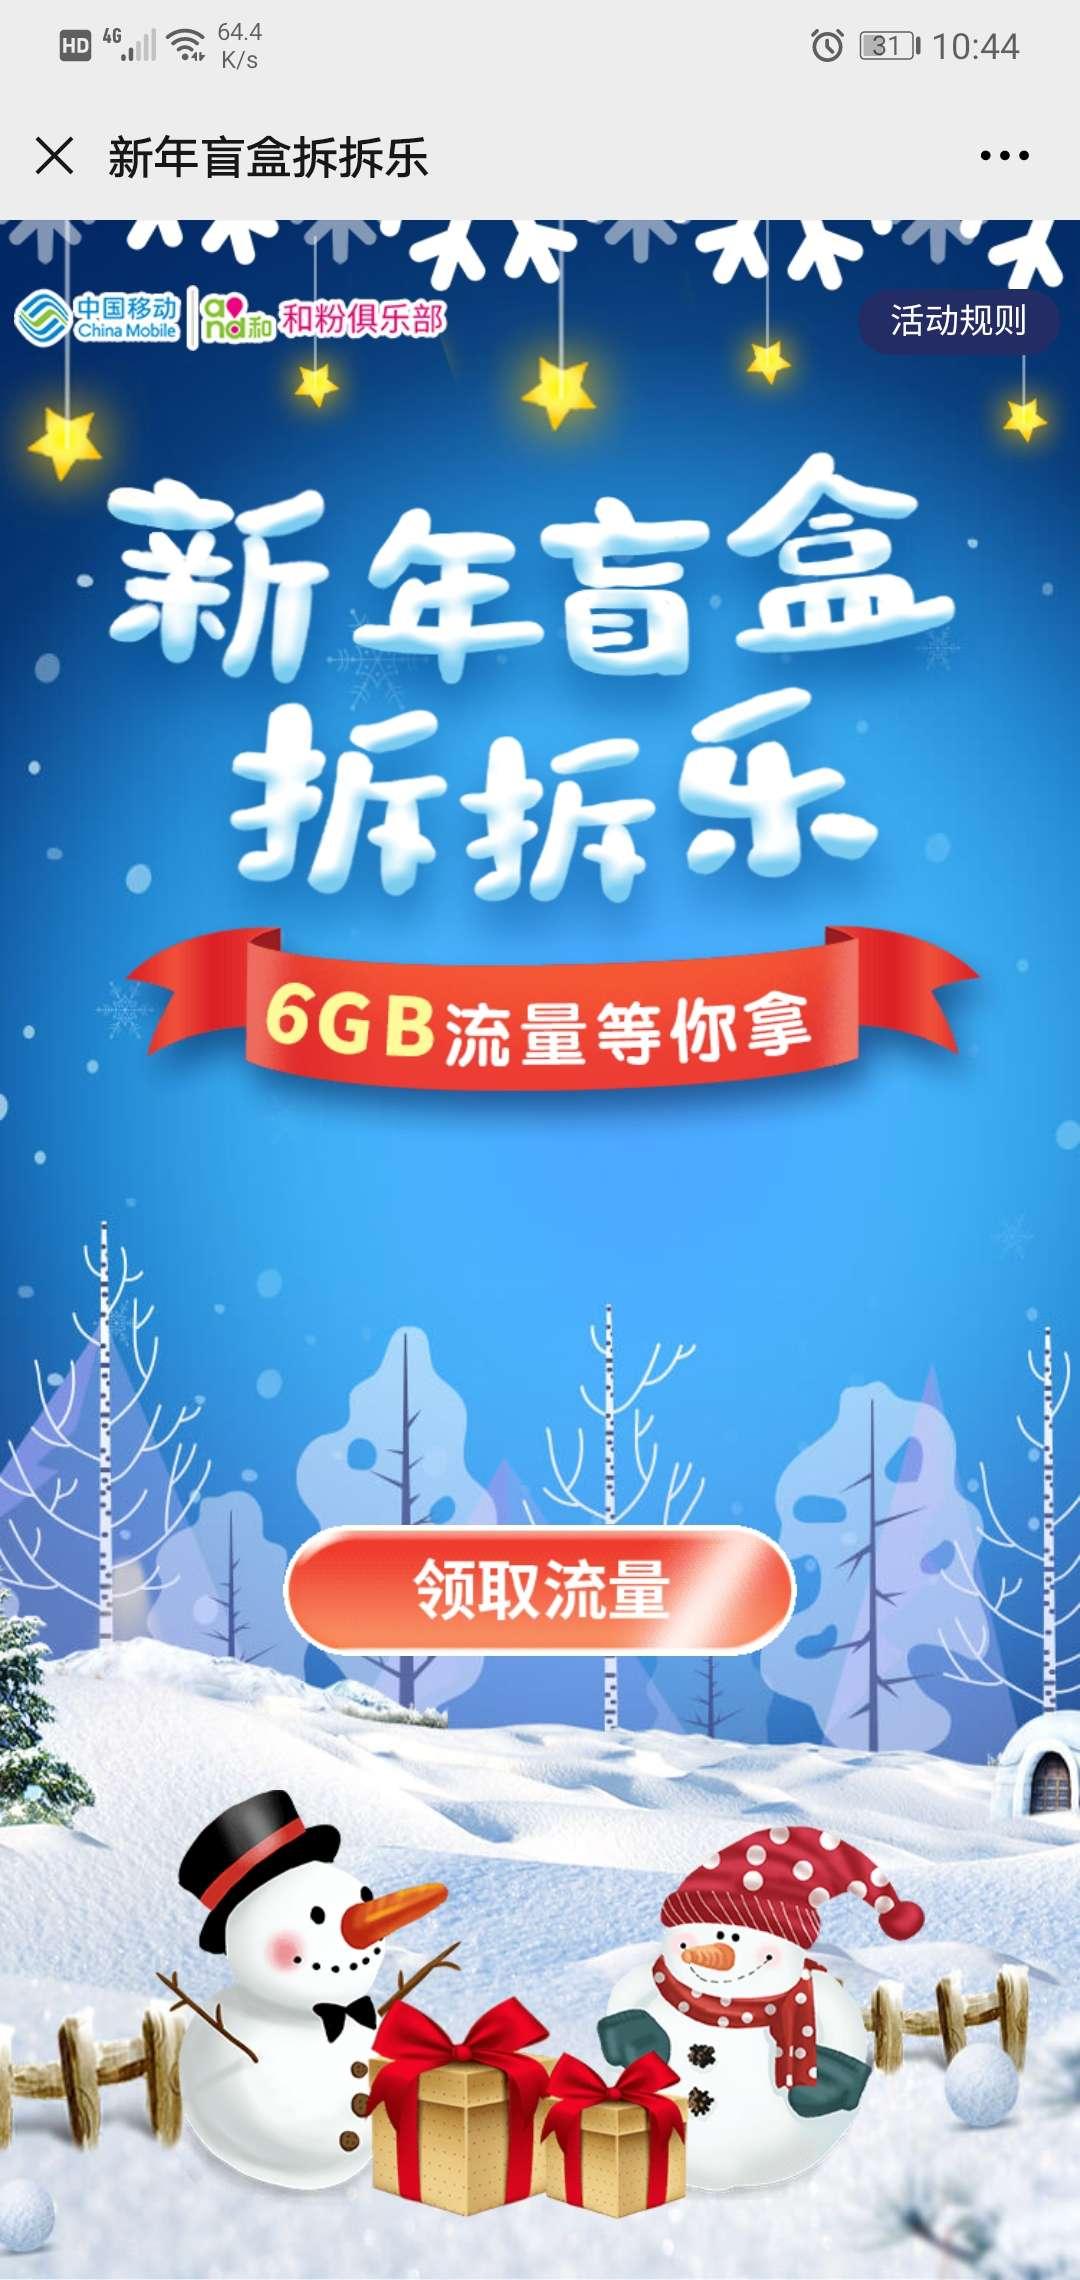 中国移动和粉俱乐部领200M-4.2G流量插图